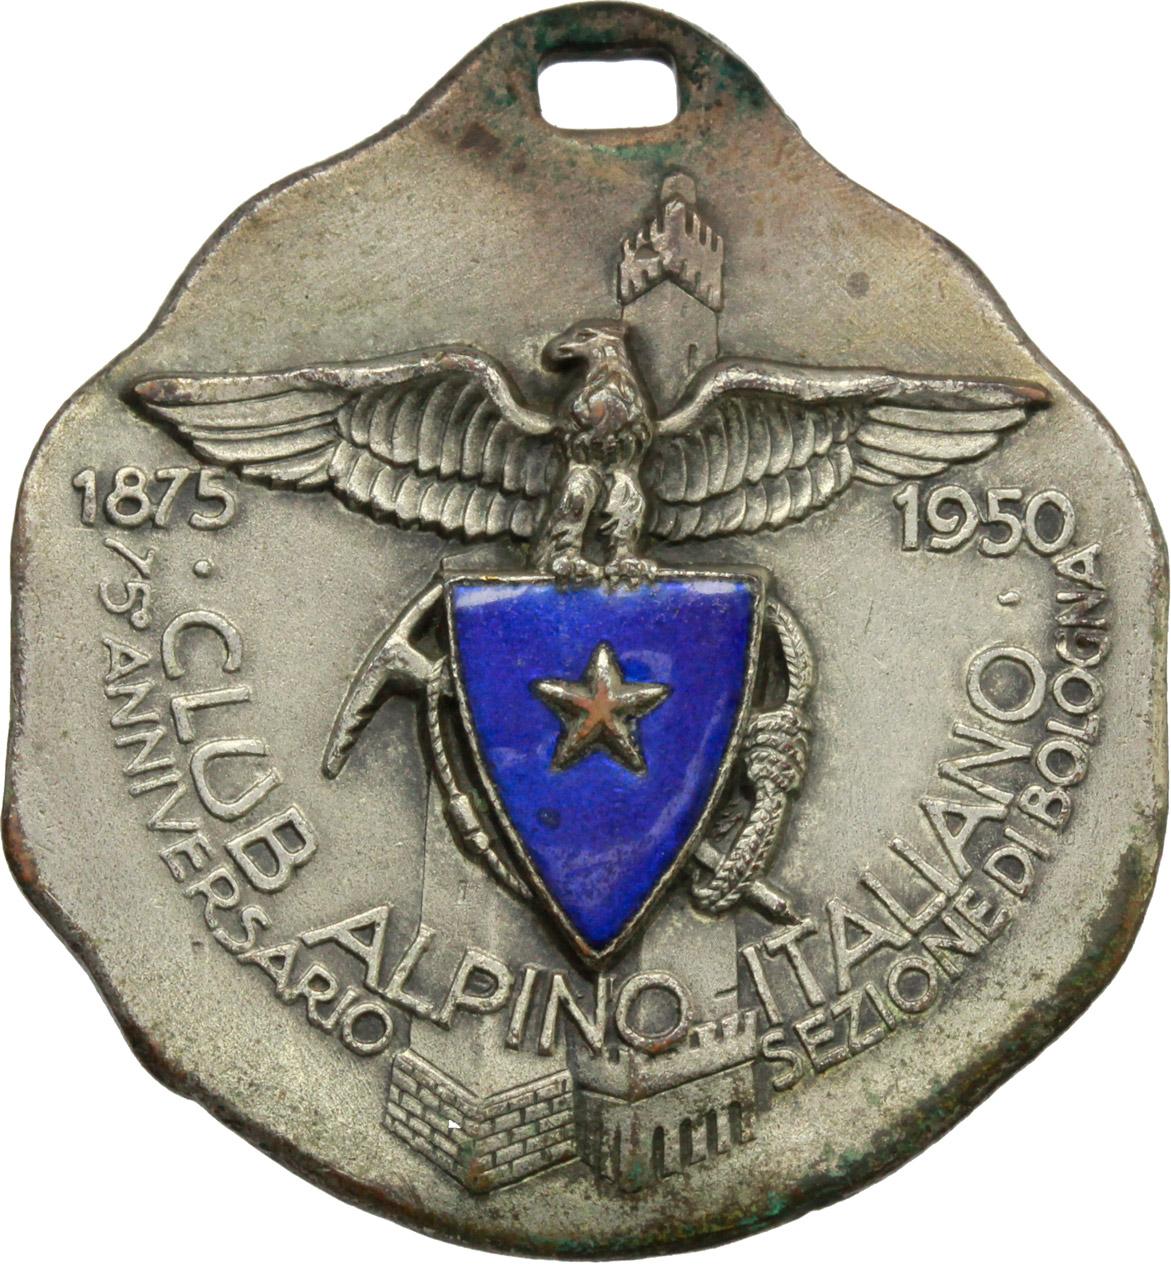 D/ Alpini. Medaglia Club Alpino Italiano. 75° anniversario (1875-1950) Sezione di Bologna. 62° Congresso Nazionale, Madonna dell'acero.     AE argentato e smalti.   mm. 31.00    qSPL/BB+.